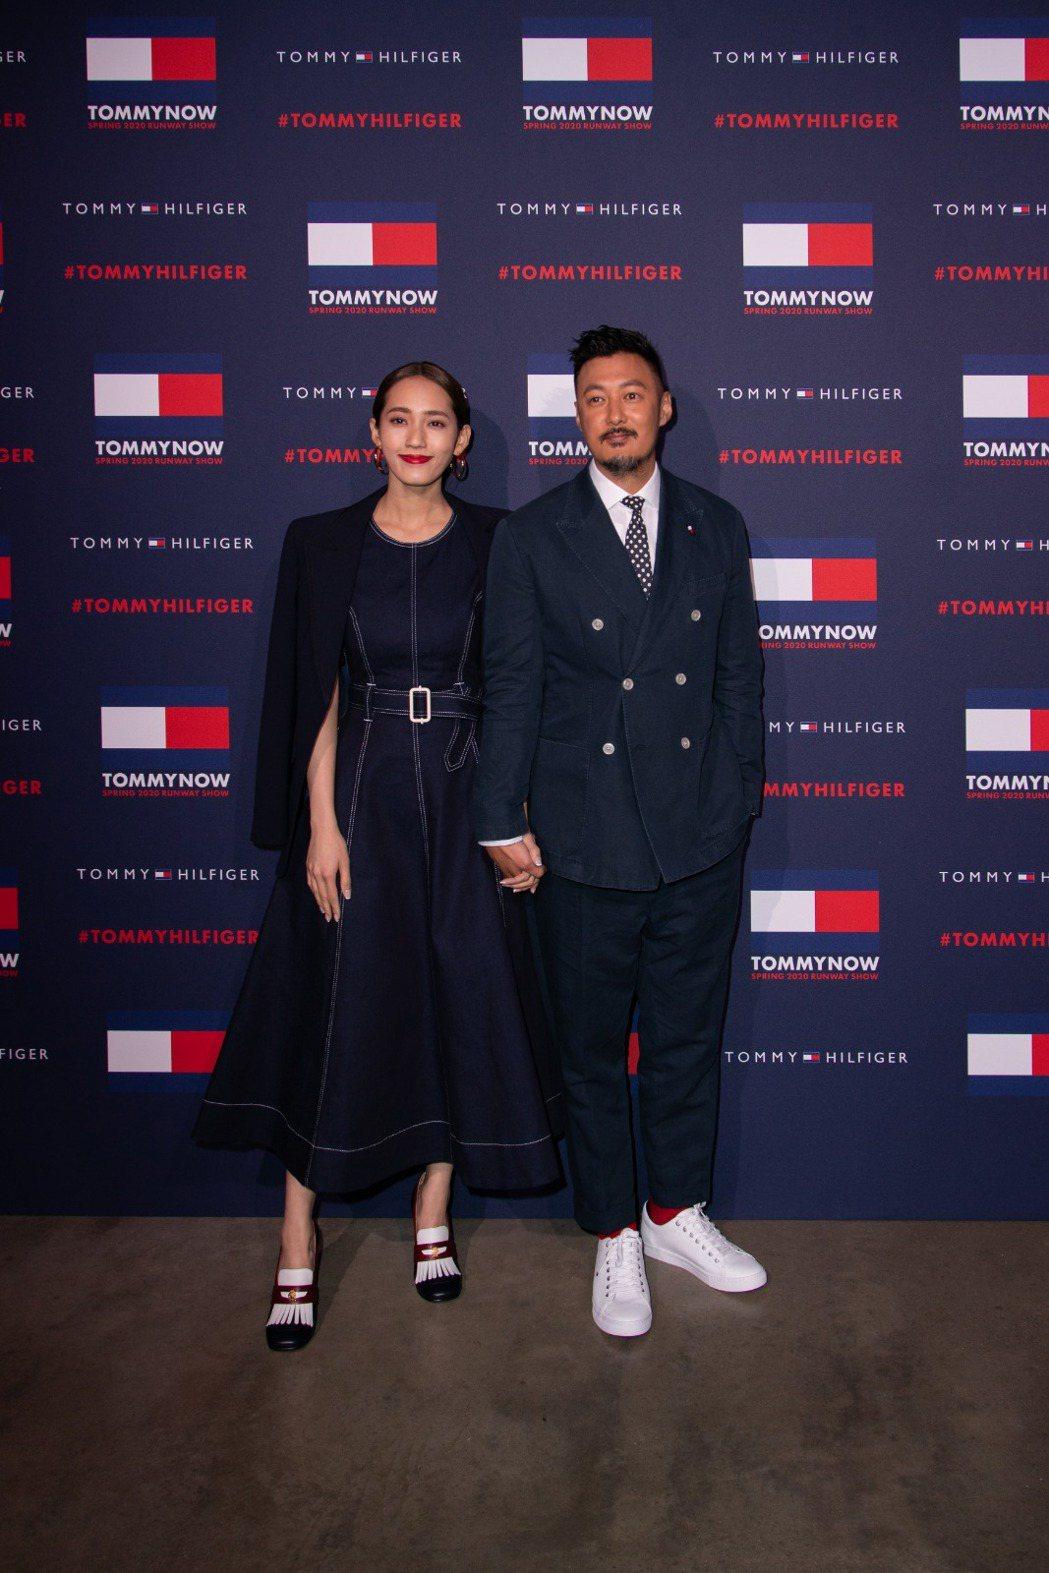 余文樂(右)、Sarah王棠云夫妻一同出席倫敦時裝週Tommy Hilfiger